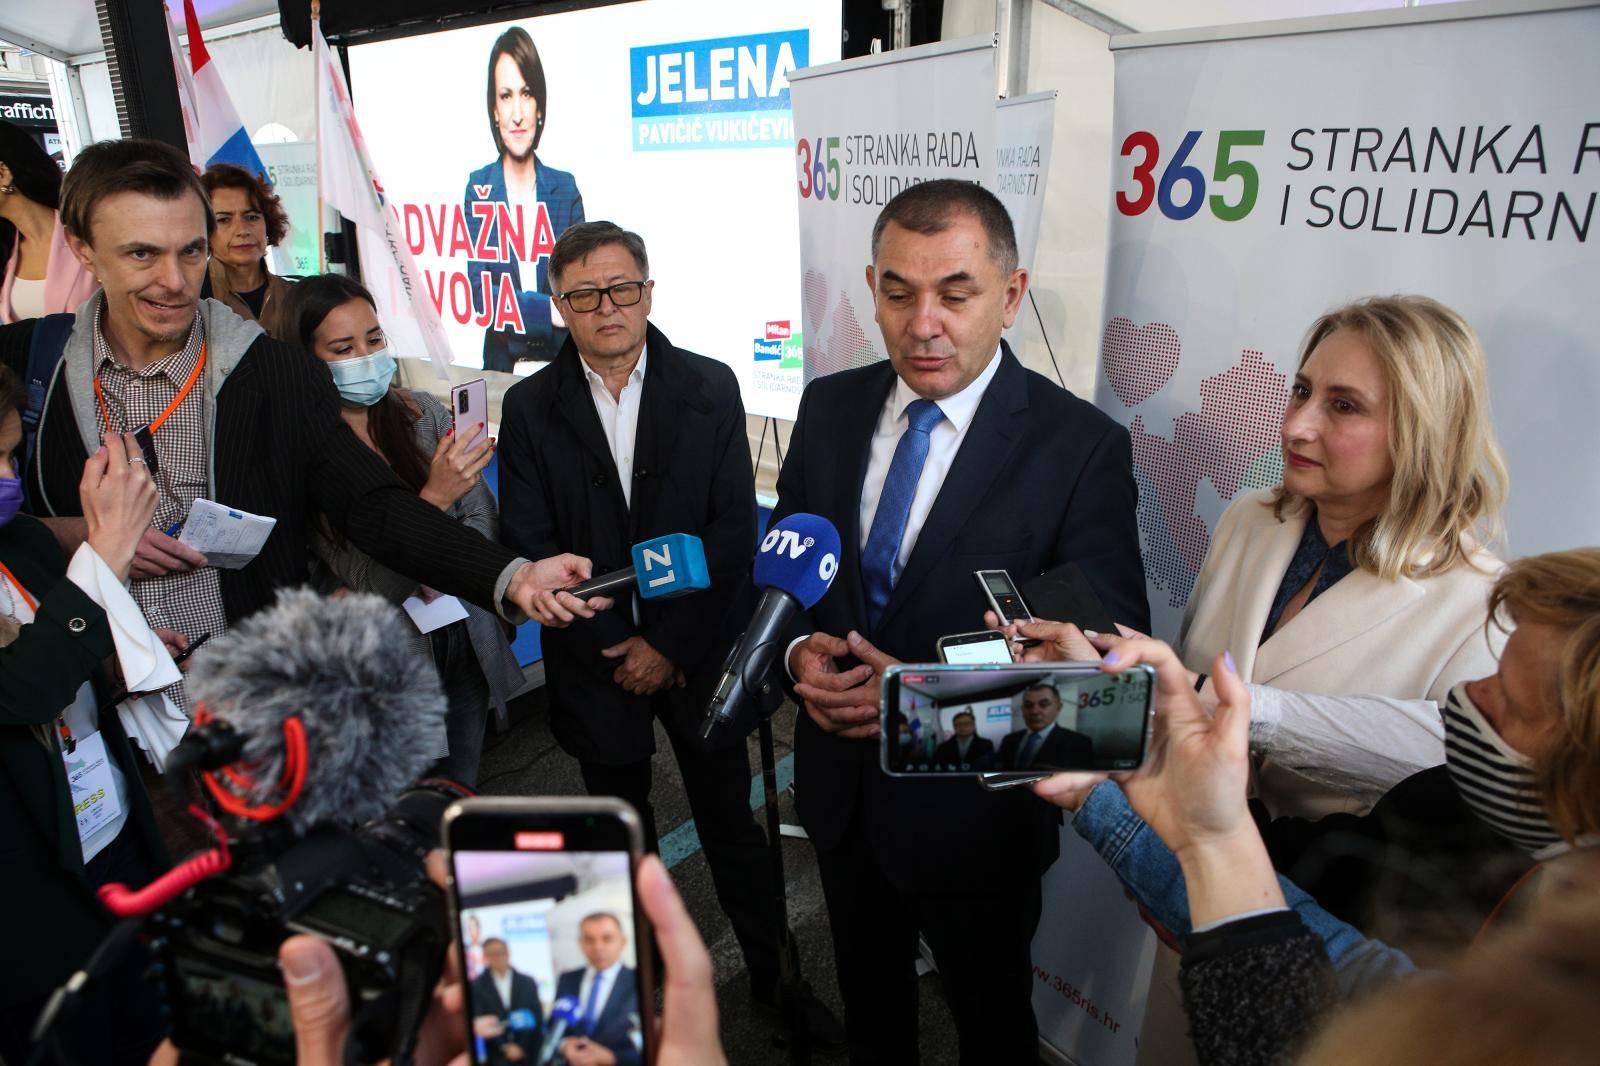 Izborni stožer kandidatkinje za gradonačelnicu Zagreba Jelene Pavičić Vukičević